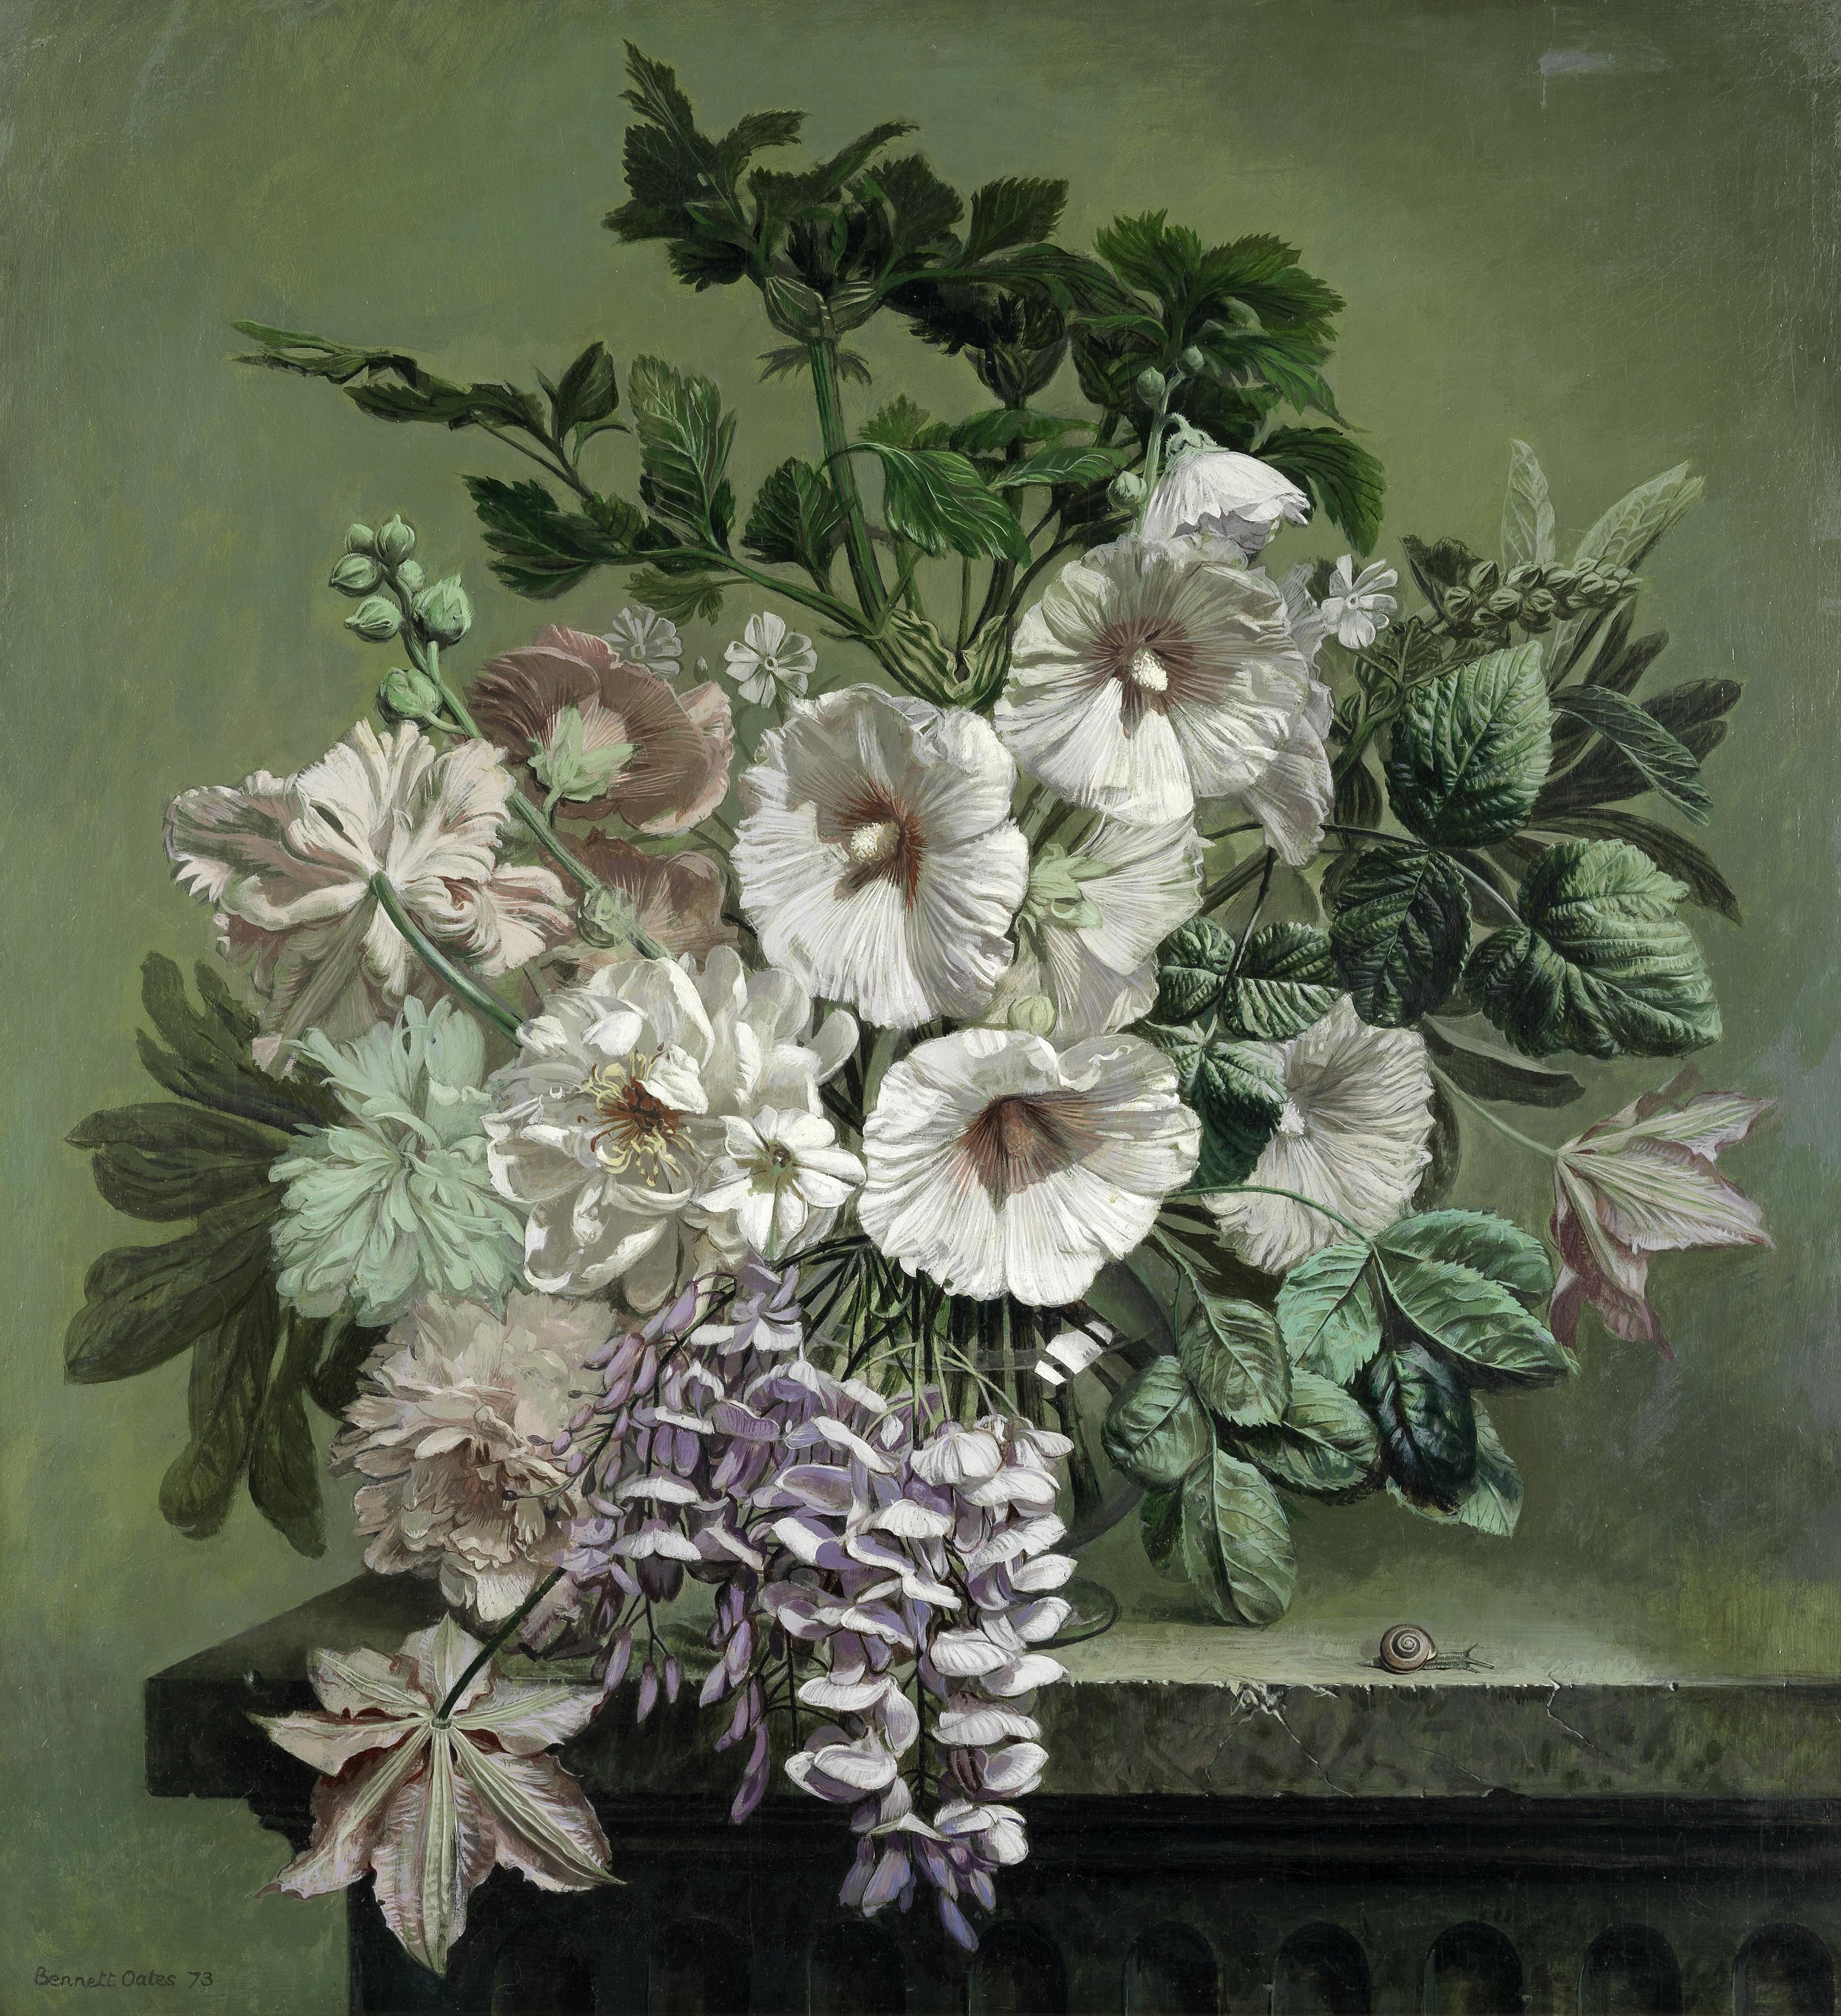 Bennett Oates (British, 1928-2009) Still life of flowers